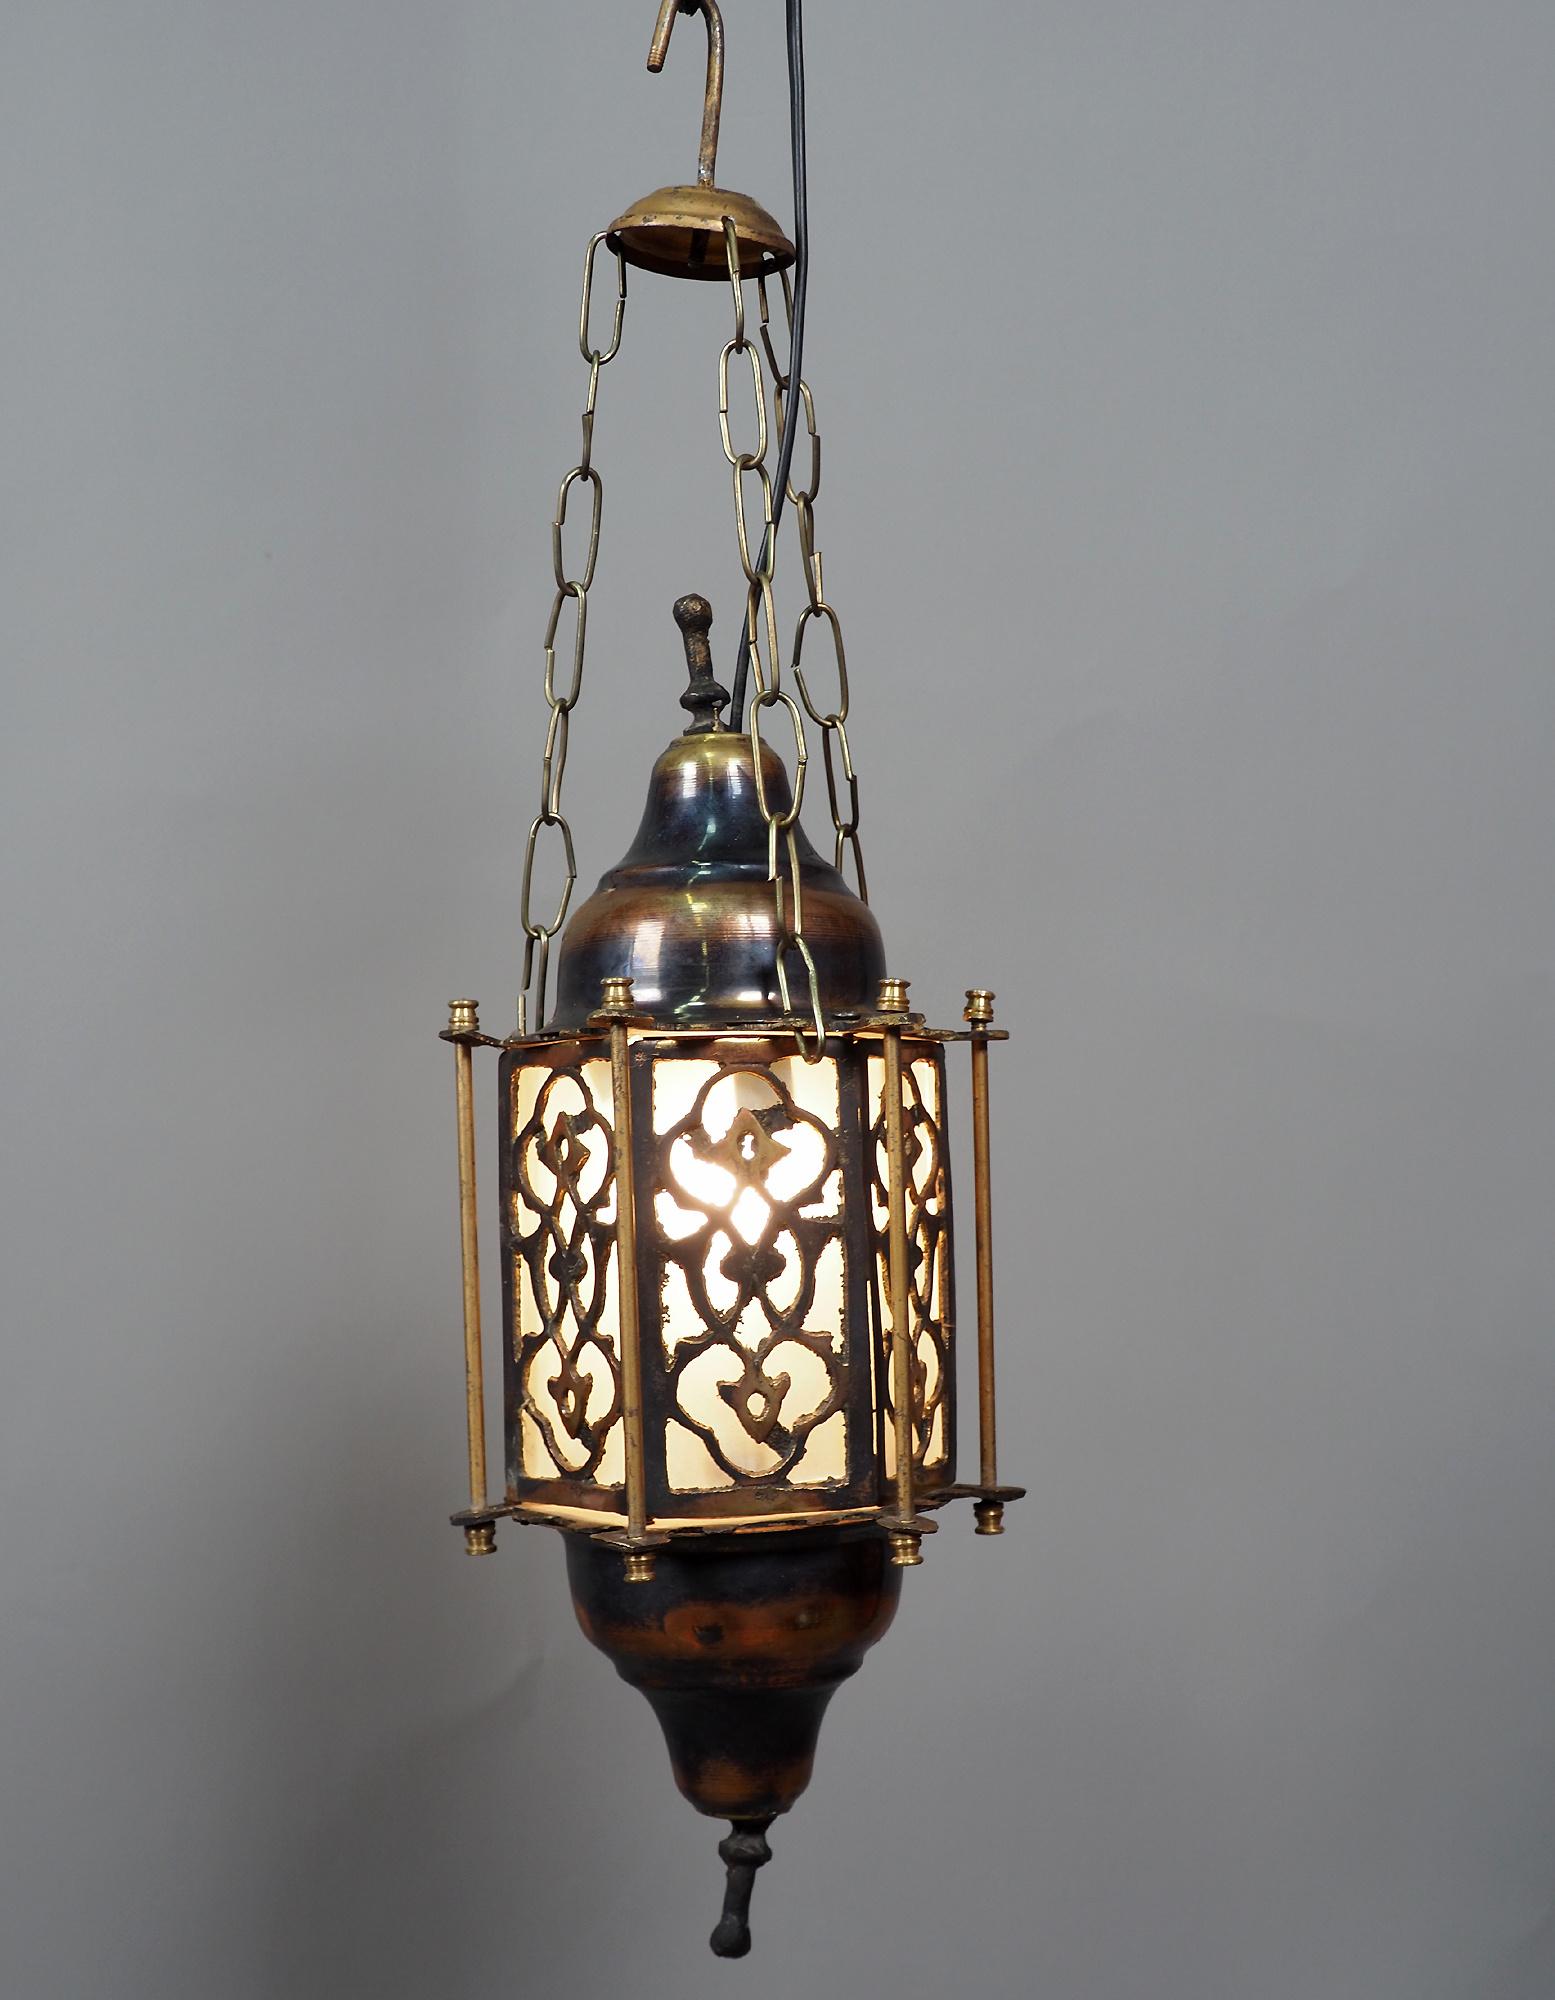 orientalische massiv Messing Decken Hängende Lampe Islamische Decken Lampe Moschee Lampe Ägyptische Marokko Nahost 21/2